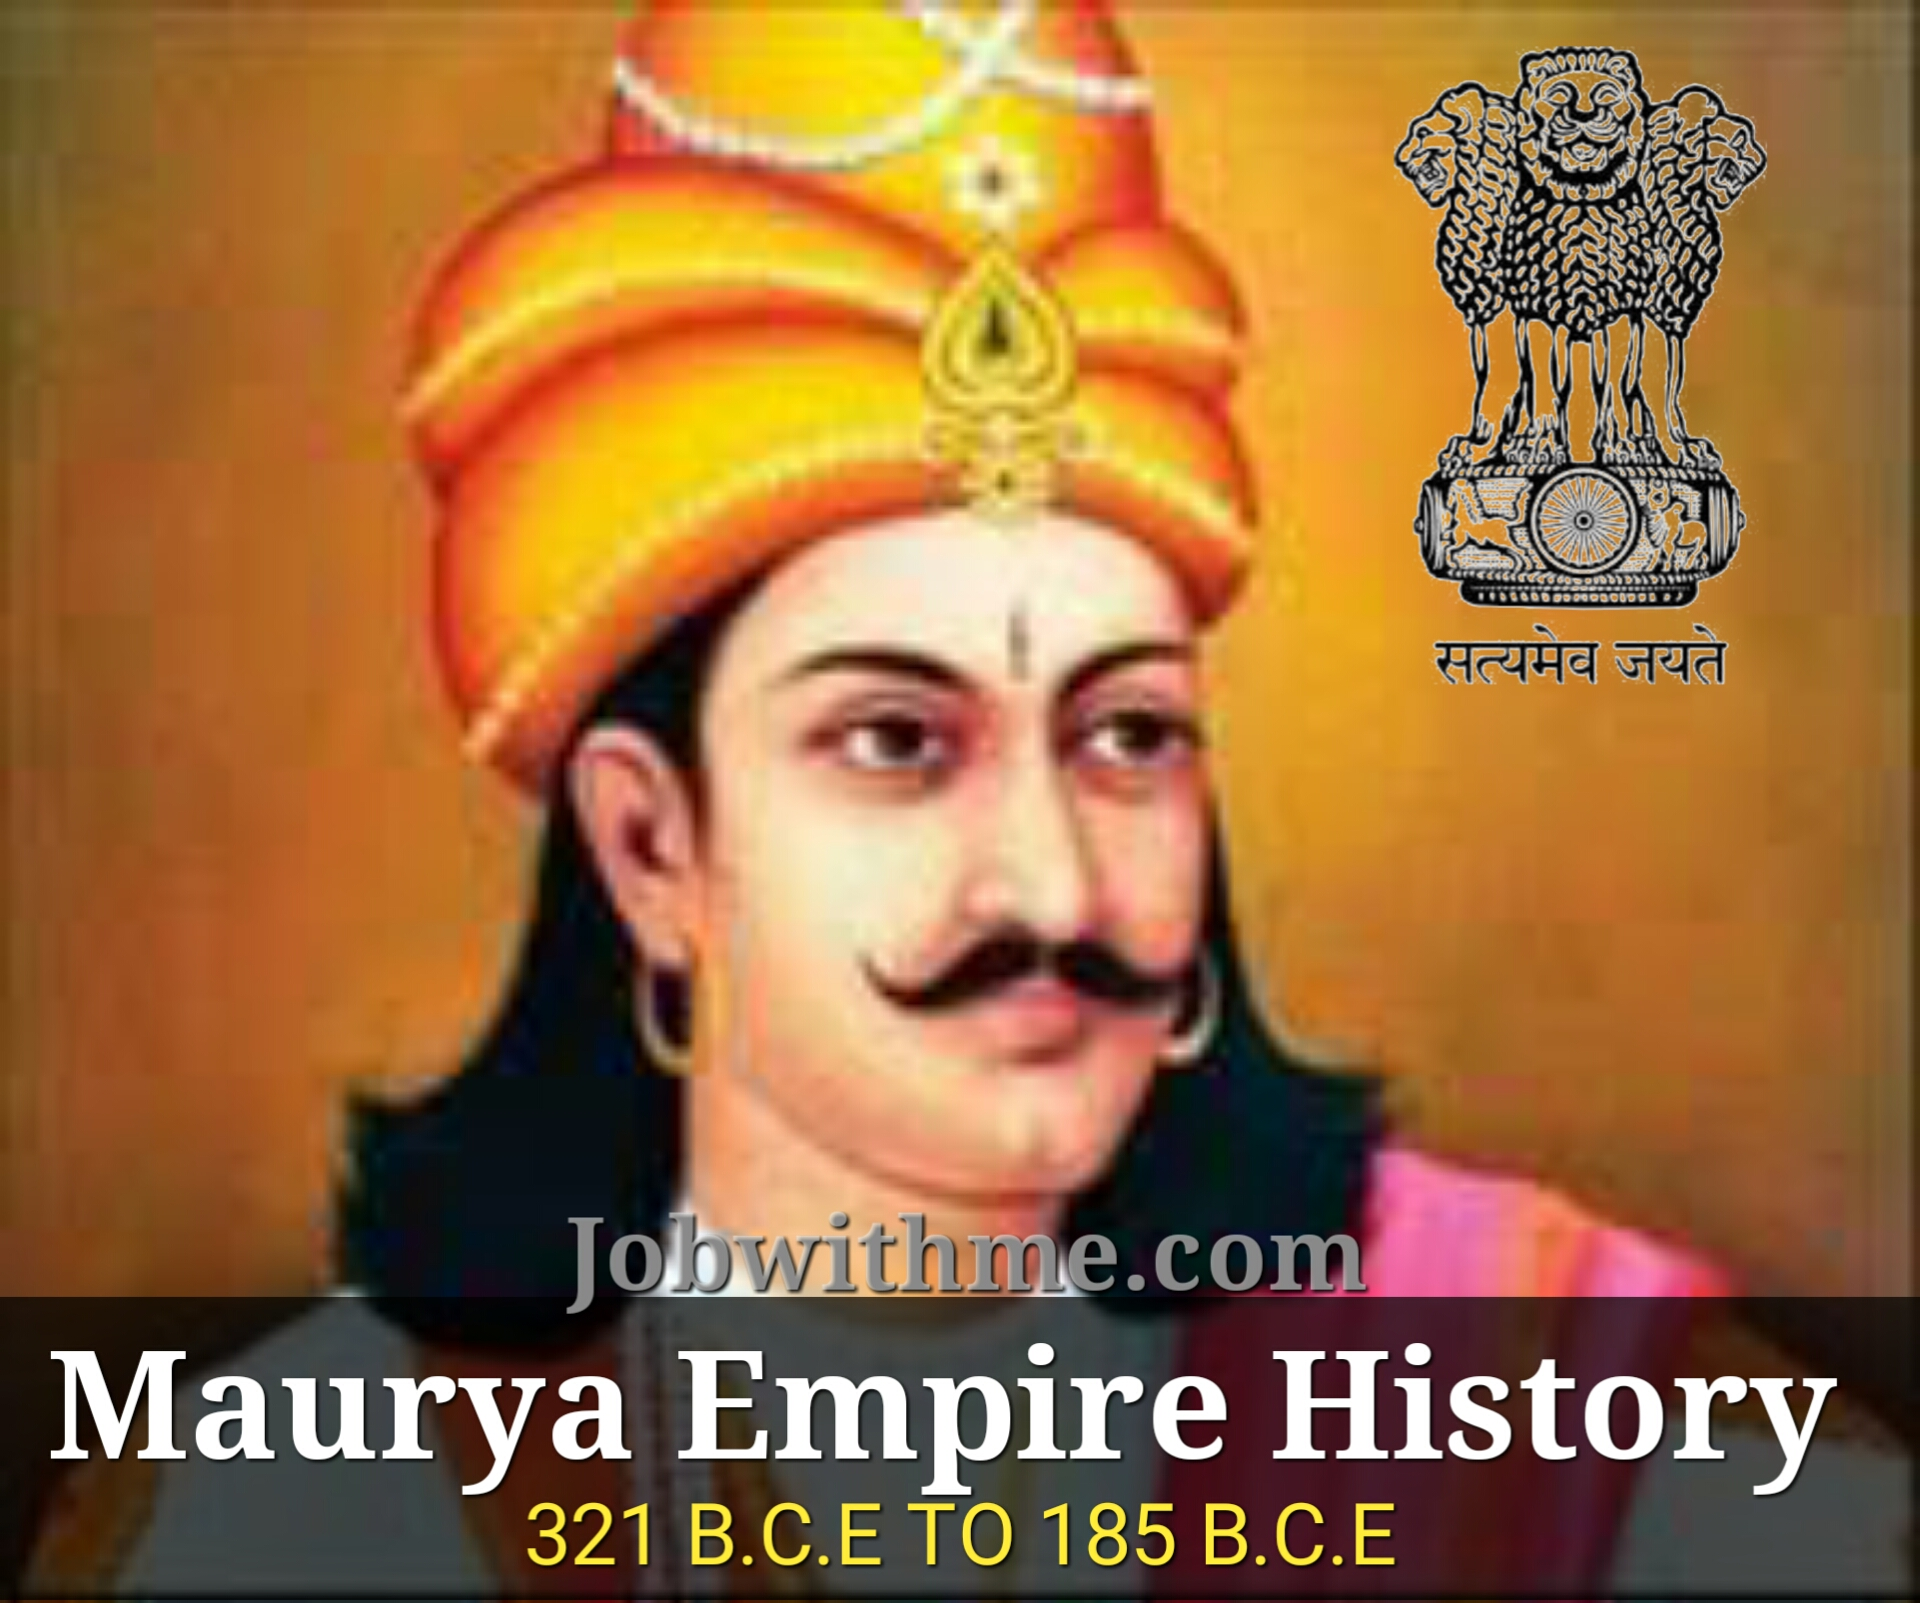 maurya Empire History